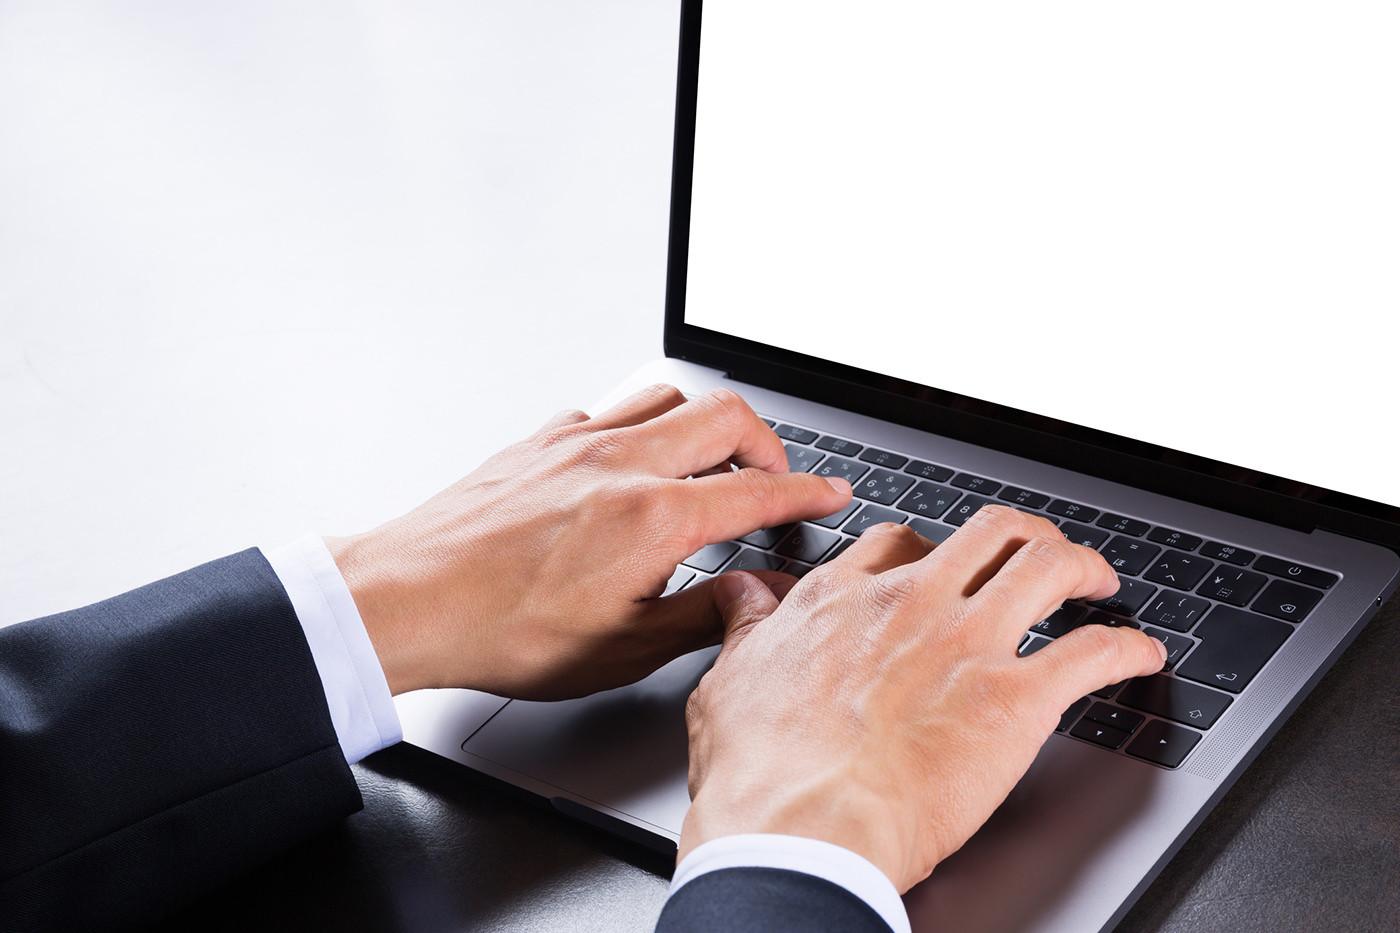 PCを扱う手元の写真